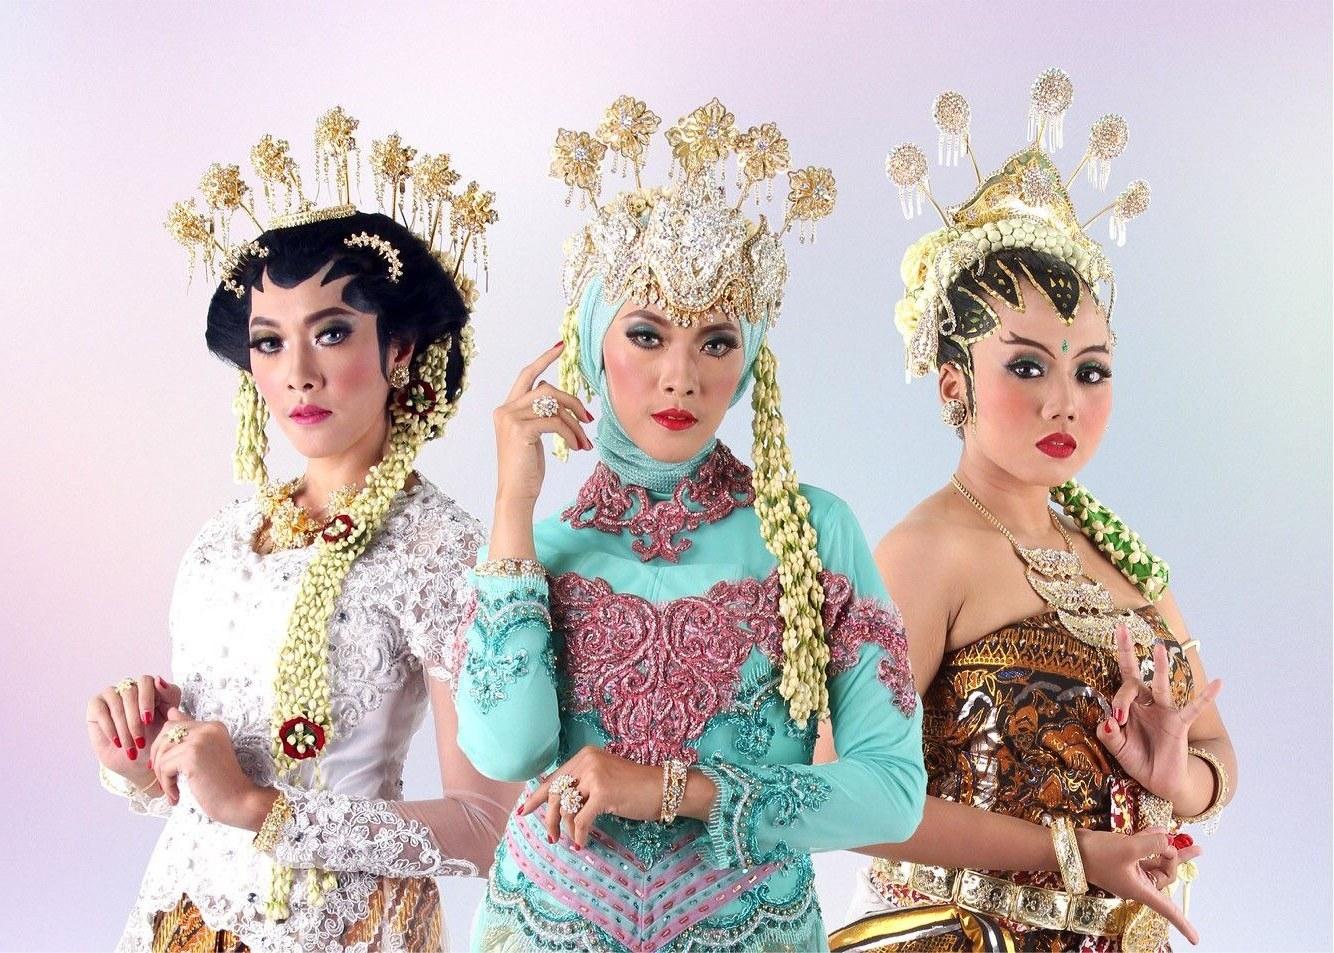 Ide Sewa Baju Pengantin Muslimah Bandung Gdd0 Salon Muslimah & Kecantikan